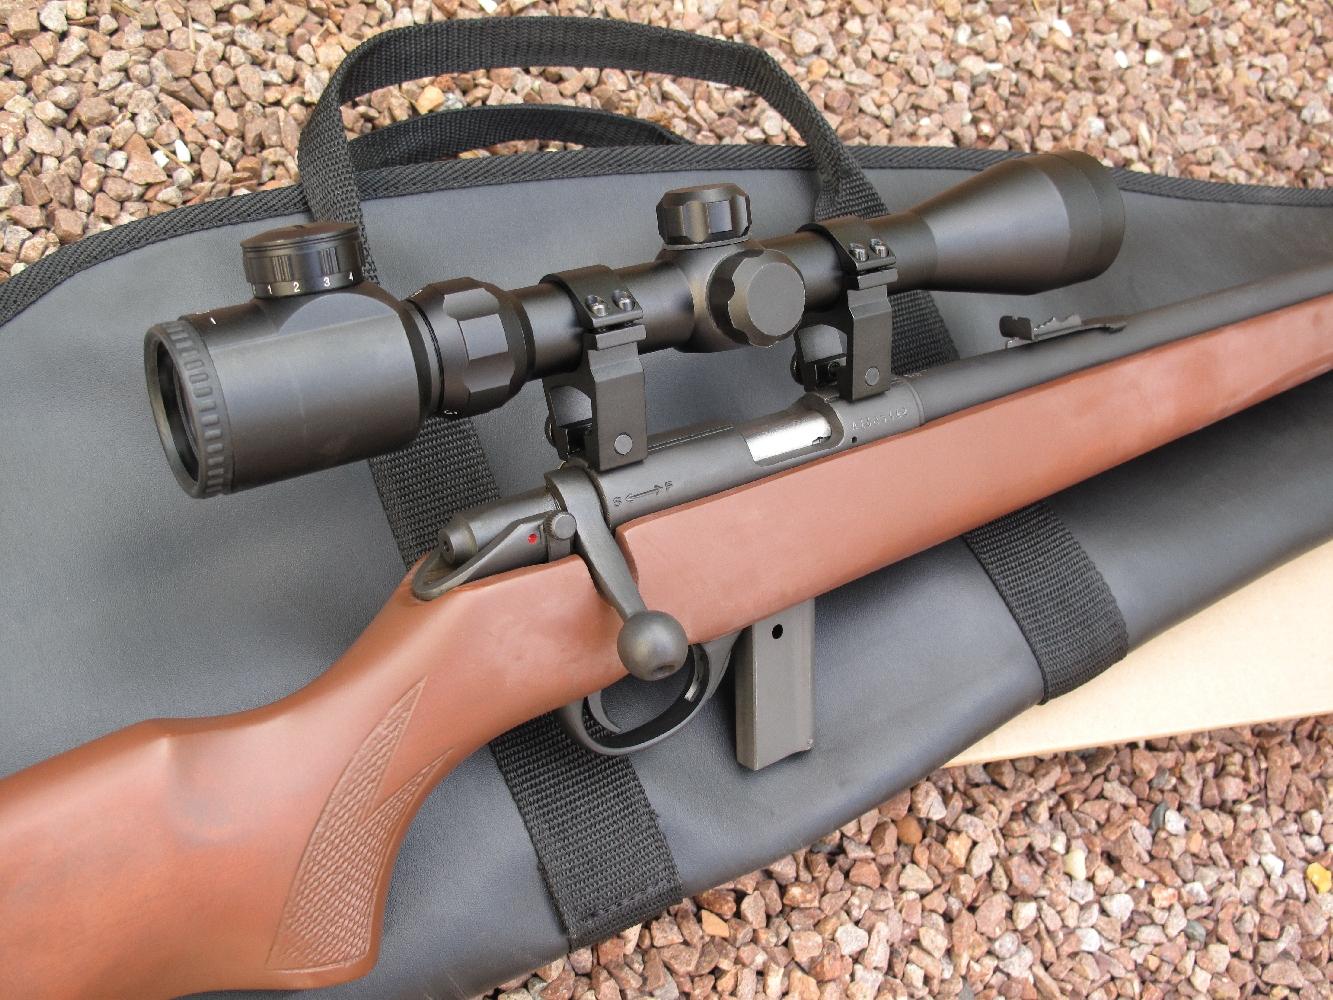 Moyennant un supplément relativement modique (76 euros pour être précis), la carabine Armscor 1400 peut être livrée accompagnée d'une housse de transport, d'un modérateur de son SAPL Still n°3 et d'une lunette Unifrance Lynx 3-9 – 40 à croisillon lumineux, fixée au moyen de griffes en aluminium permettant de conserver la vision de ses éléments de visée mécaniques.